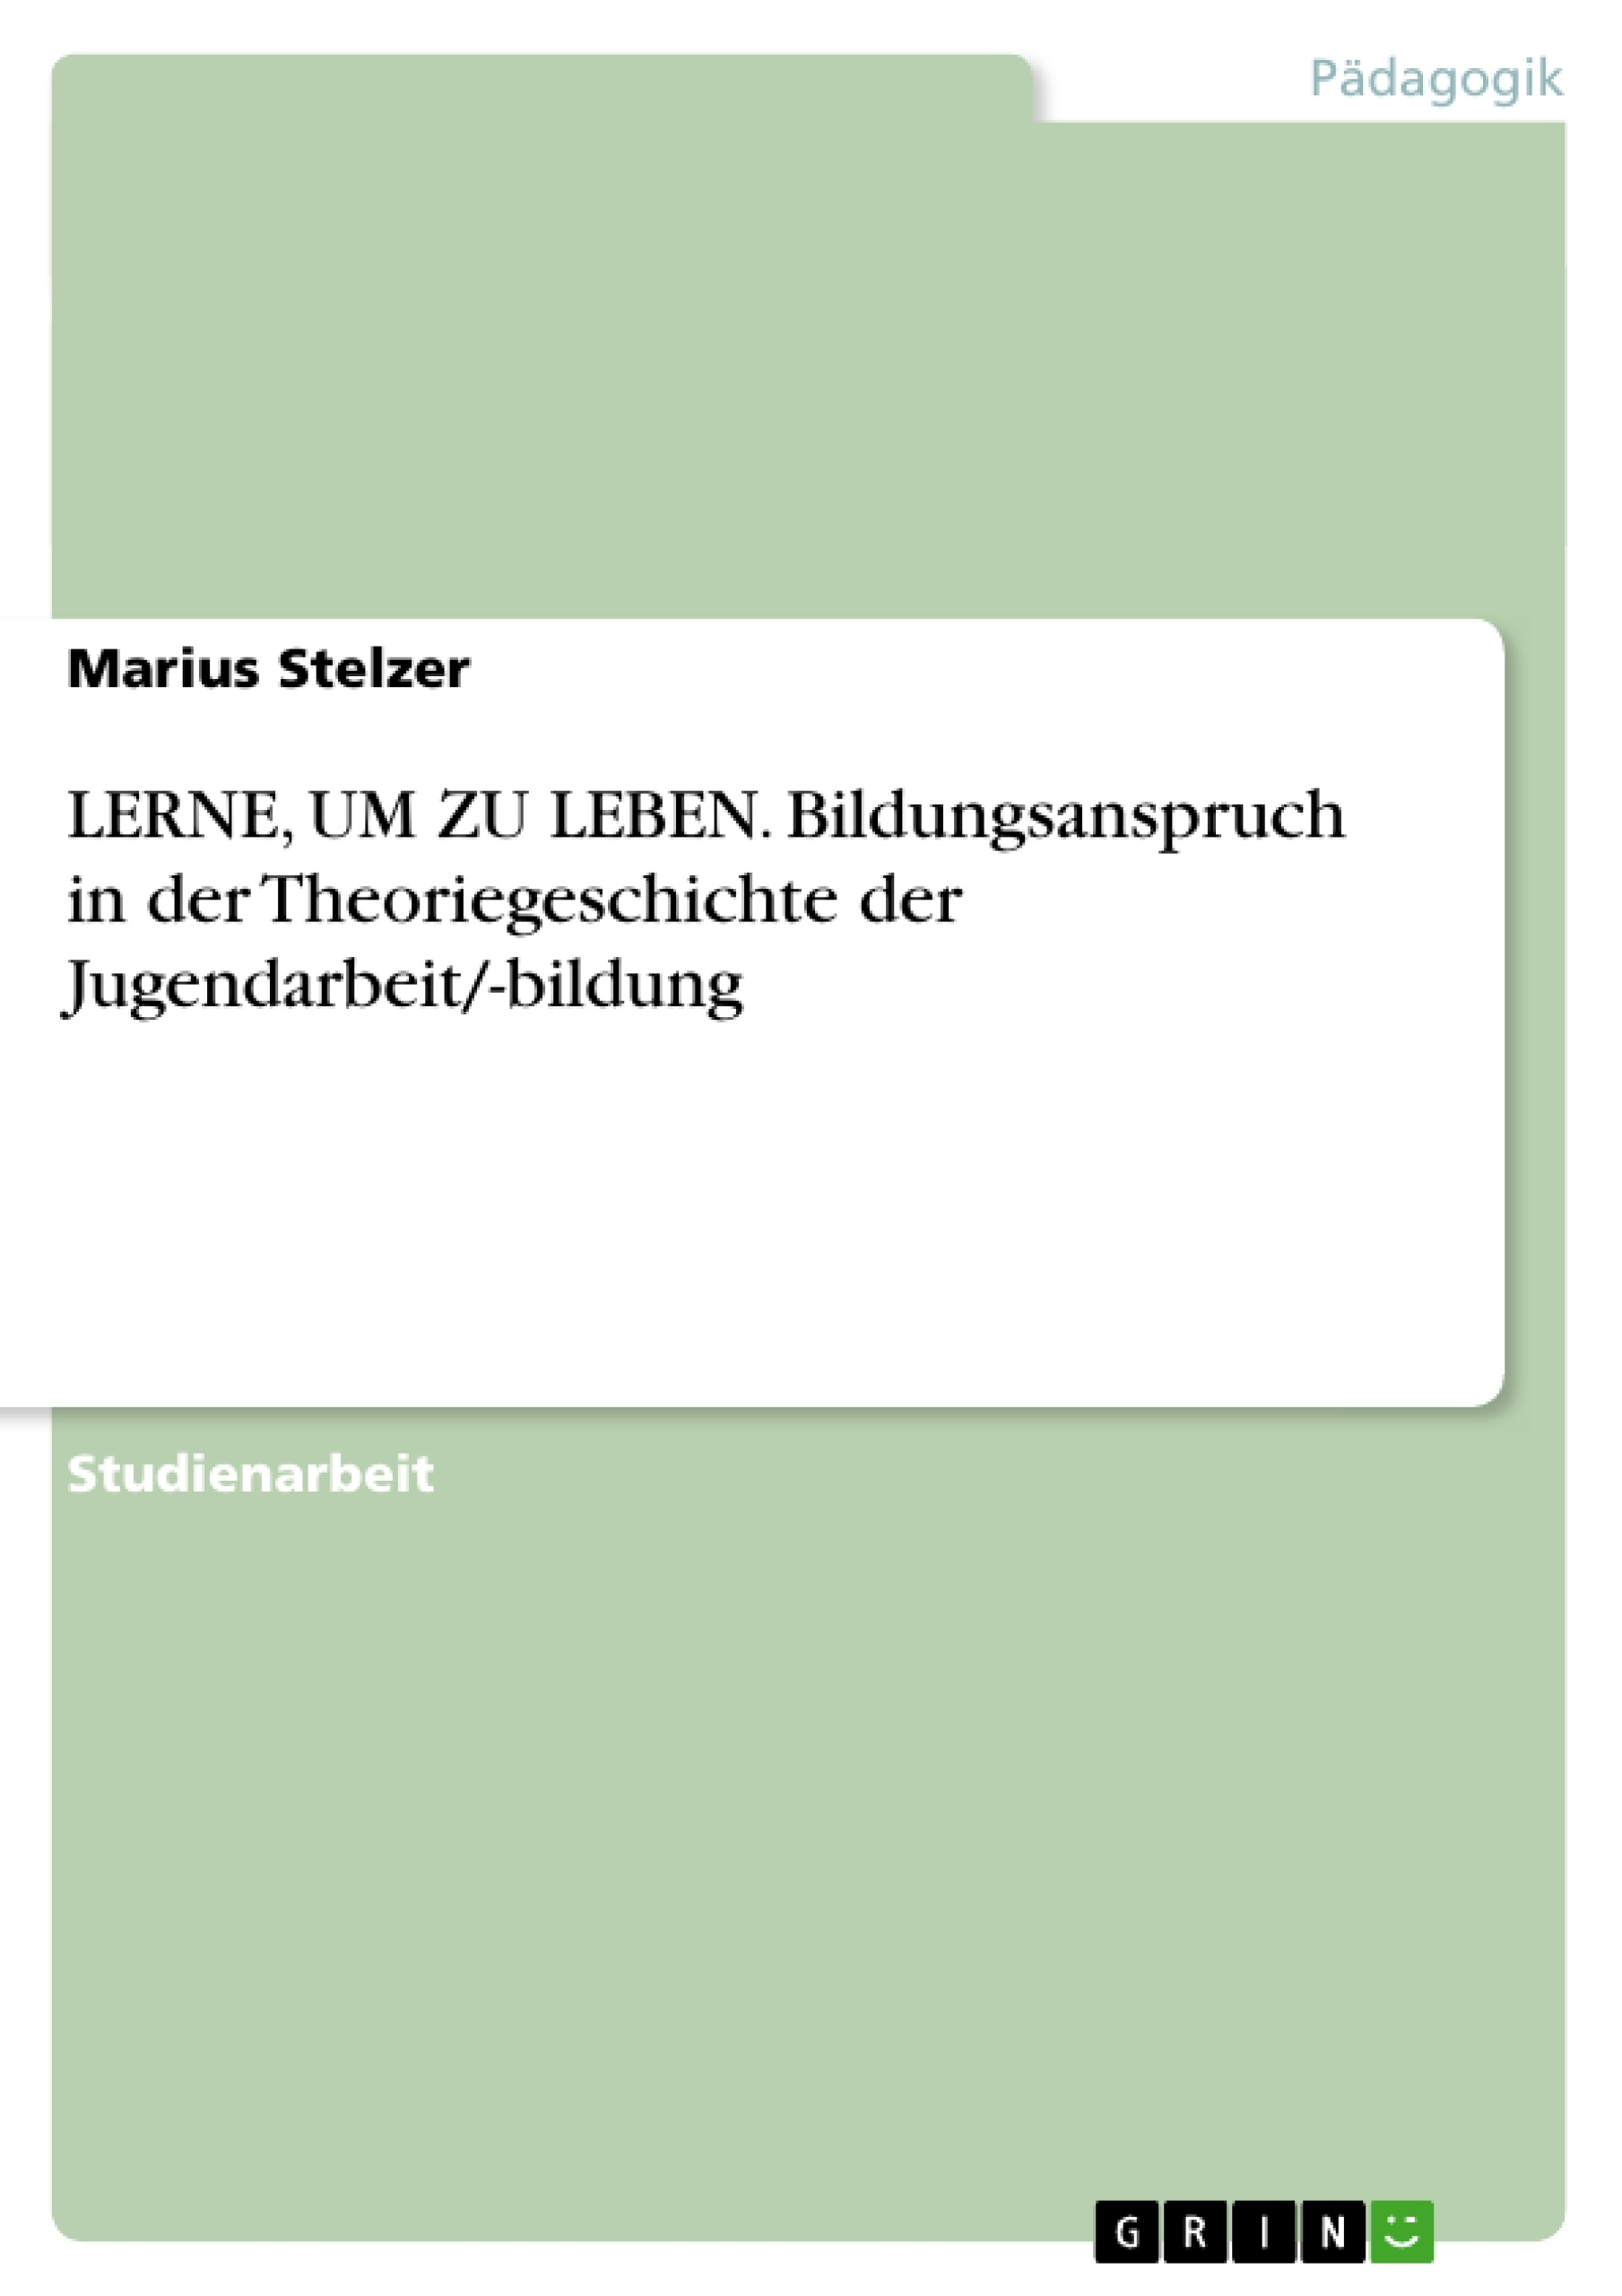 Titel: LERNE, UM ZU LEBEN. Bildungsanspruch in der  Theoriegeschichte der Jugendarbeit/-bildung